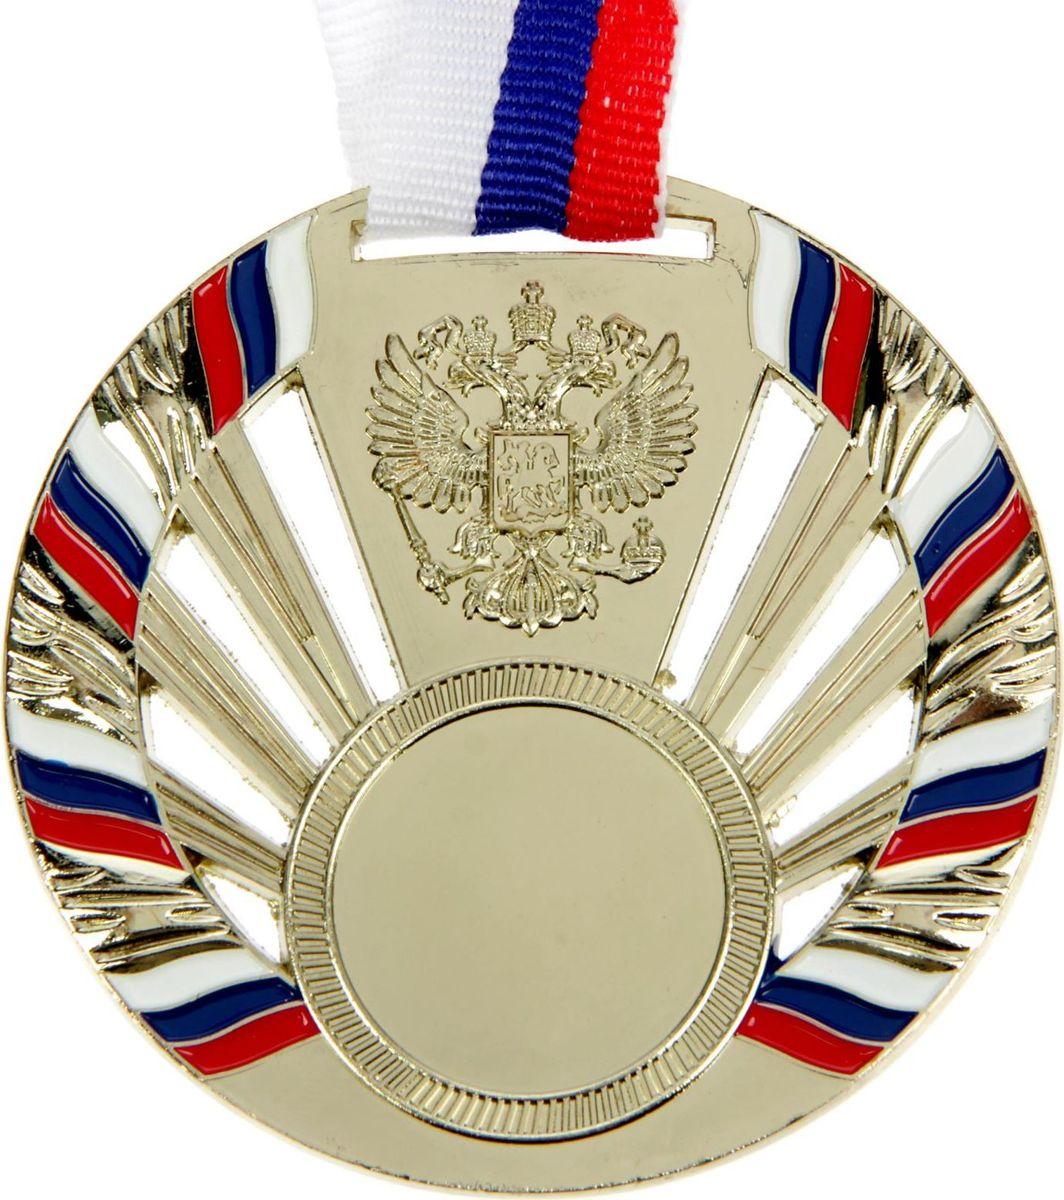 Медаль сувенирная с местом для гравировки, цвет: золотистый, диаметр 7 см. 0401387682Пусть любая победа будет отмечена соответствующей наградой! Медаль — знак отличия, которым награждают самых достойных. Она вручается лишь тем, кто проявил настойчивость и волю к победе. Каждое достижение — это важное событие, которое должно остаться в памяти на долгие годы. изготовлена из металла, в комплект входит лента цвета триколор, являющегося одним из государственных символов России. Характеристики: Диаметр медали: 7 см Диаметр вкладыша (лицо): 2,5 см Диаметр вкладыша (оборот): 6,5 см Ширина ленты: 2 см.